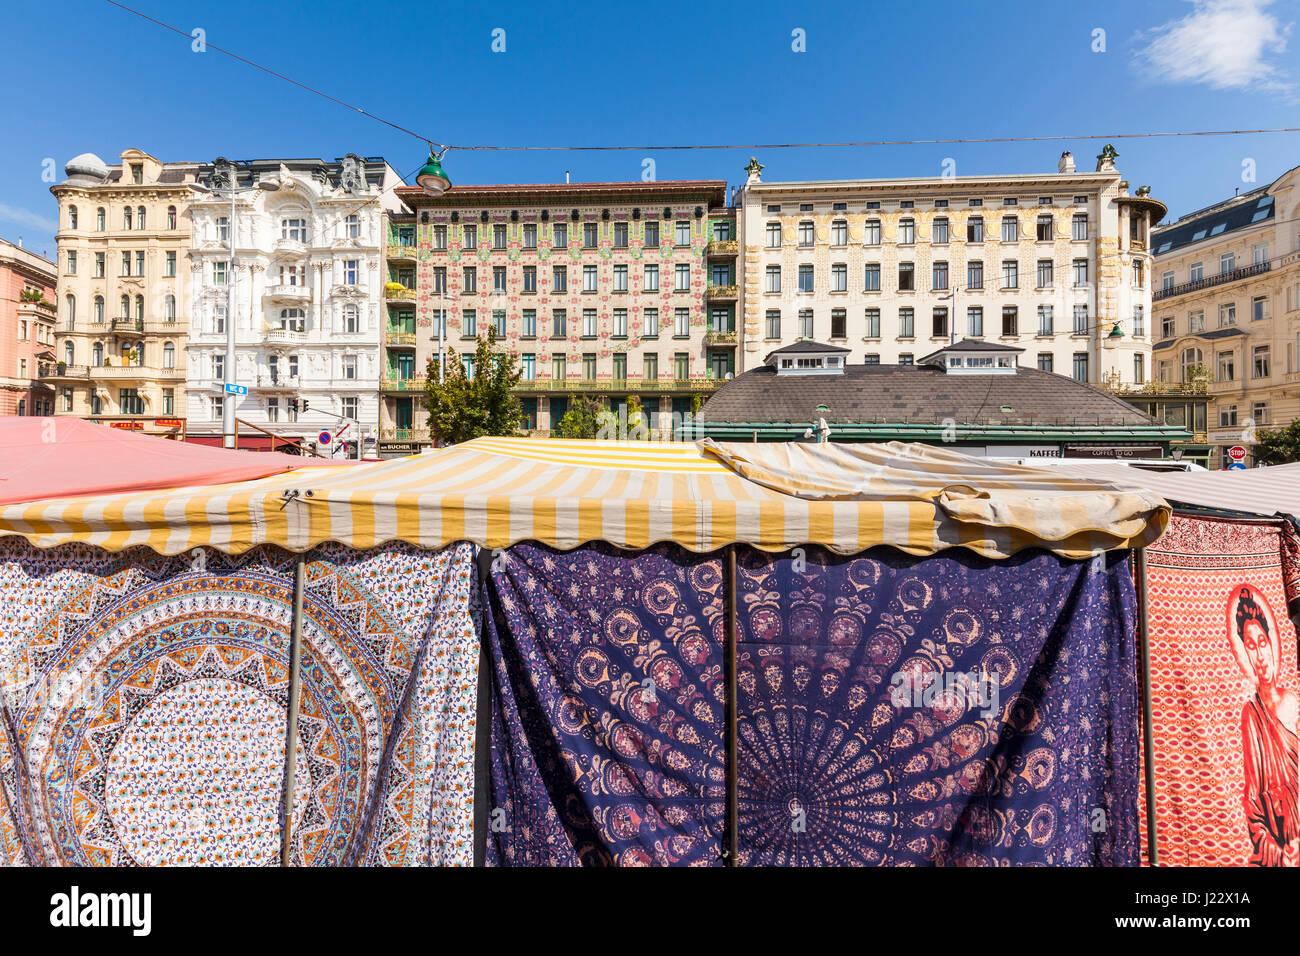 Österreich, Wien, Naschmarkt, Tuchverkauf, Wienzeilenhäuser, Linke Wienzeile 38 u. 40, Majolikakaus, Jugendstil, - Stock Image